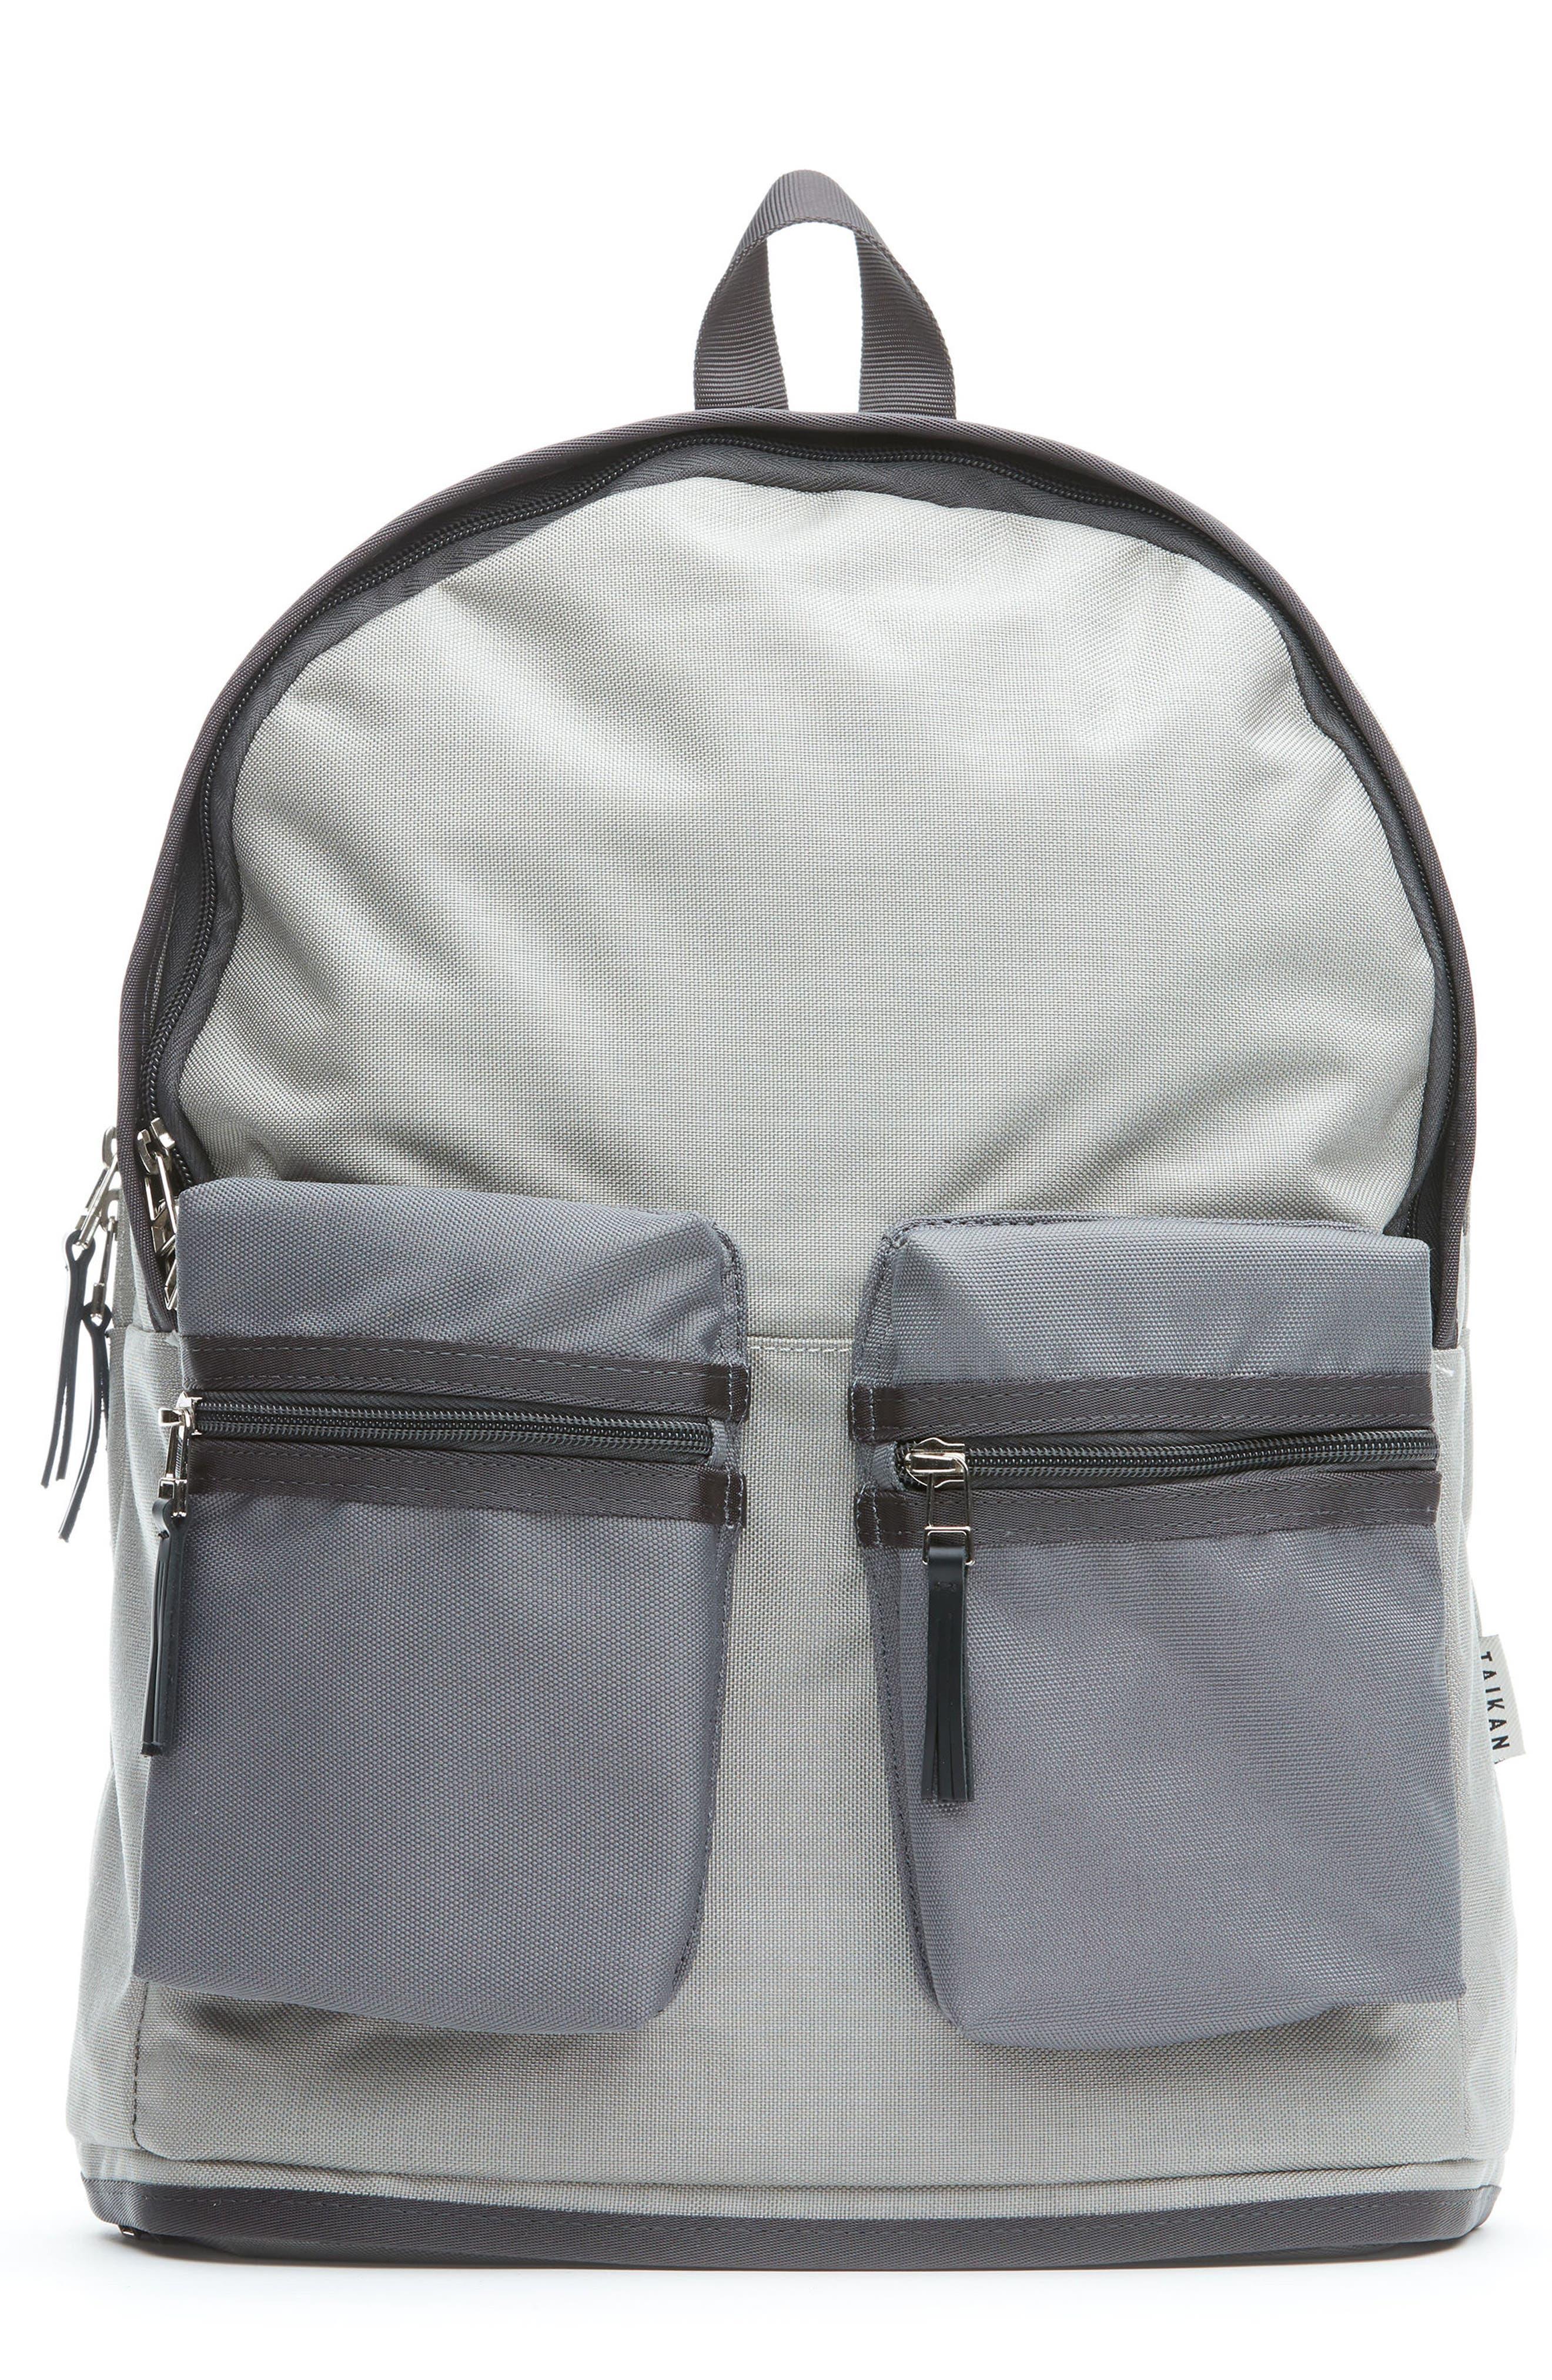 Spartan Backpack,                             Main thumbnail 1, color,                             Grey/ Grey